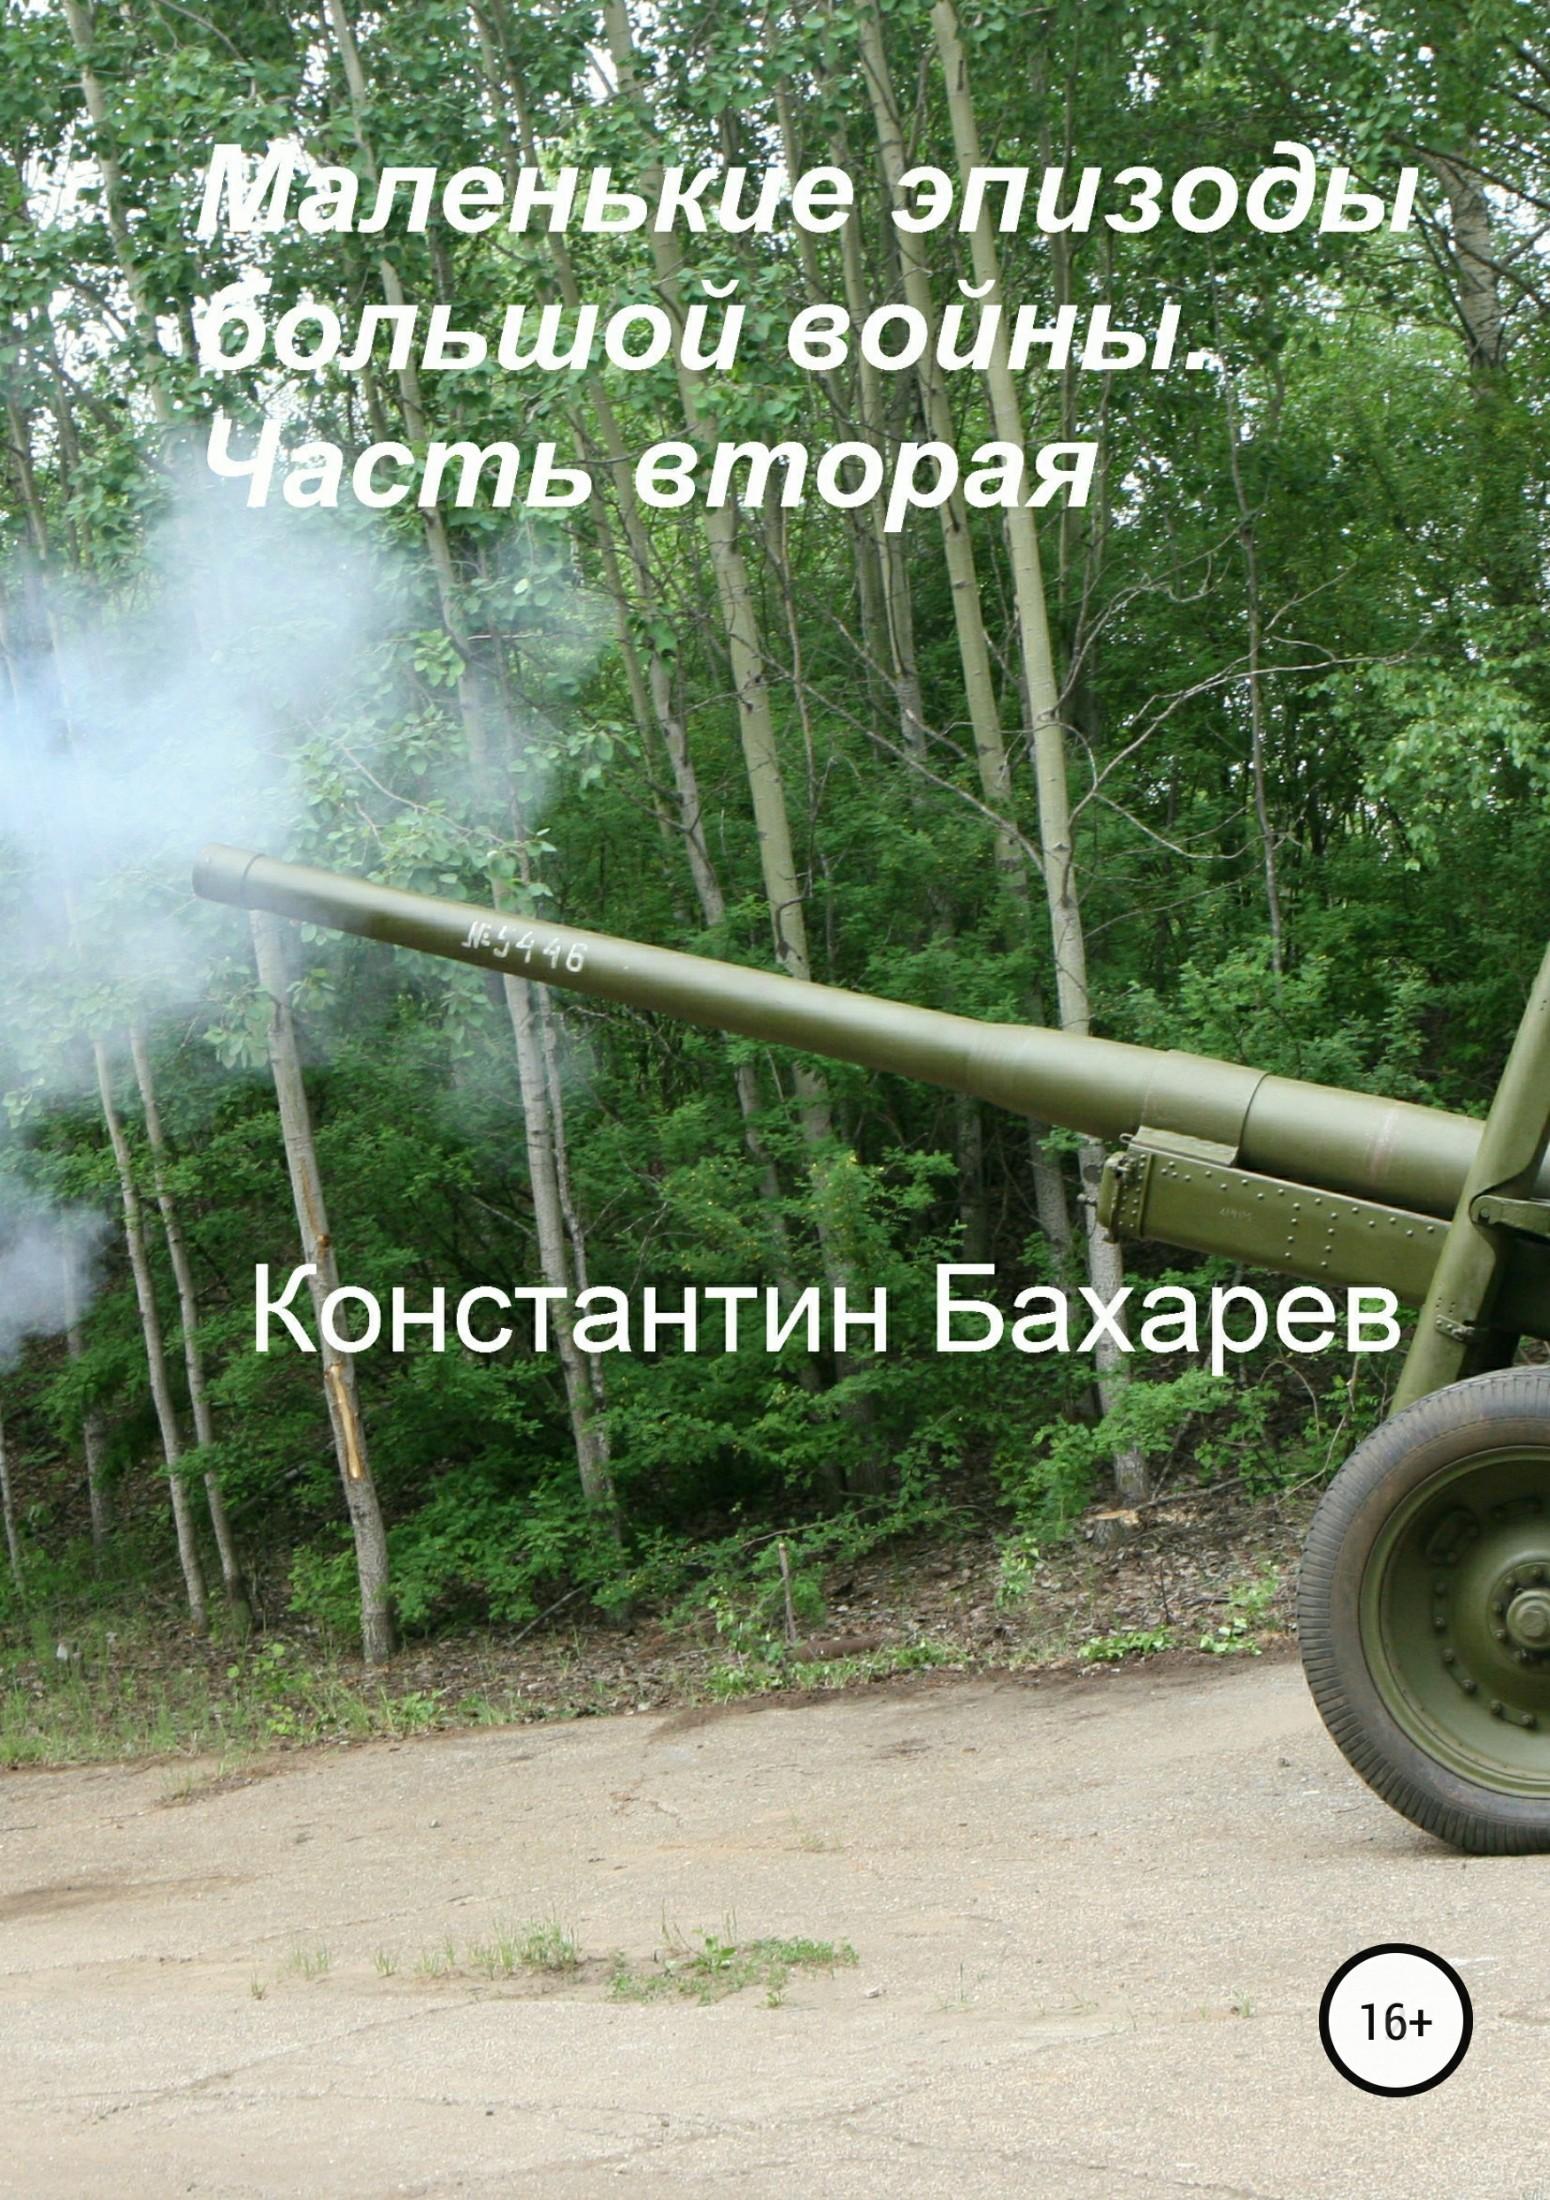 Константин Бахарев - Маленькие эпизоды большой войны. Часть вторая